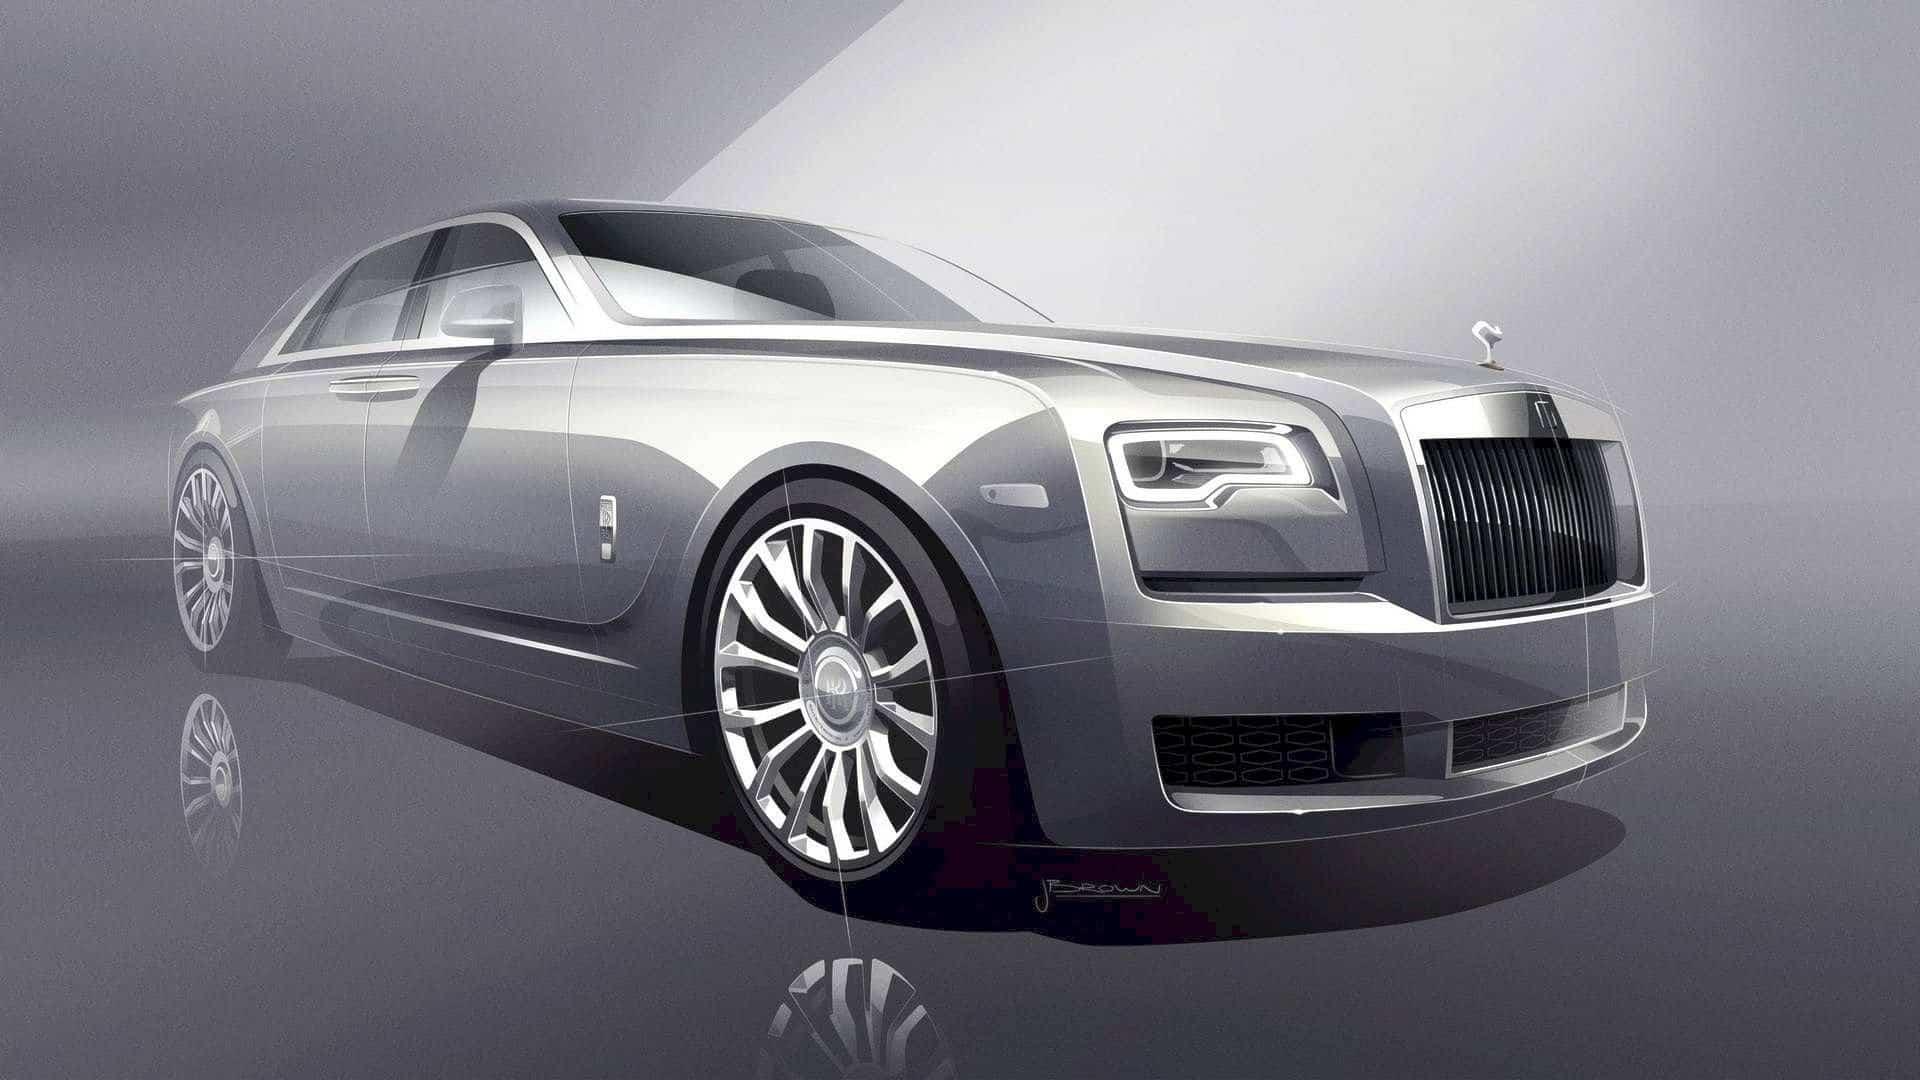 Rolls Royce Silver Ghost 7